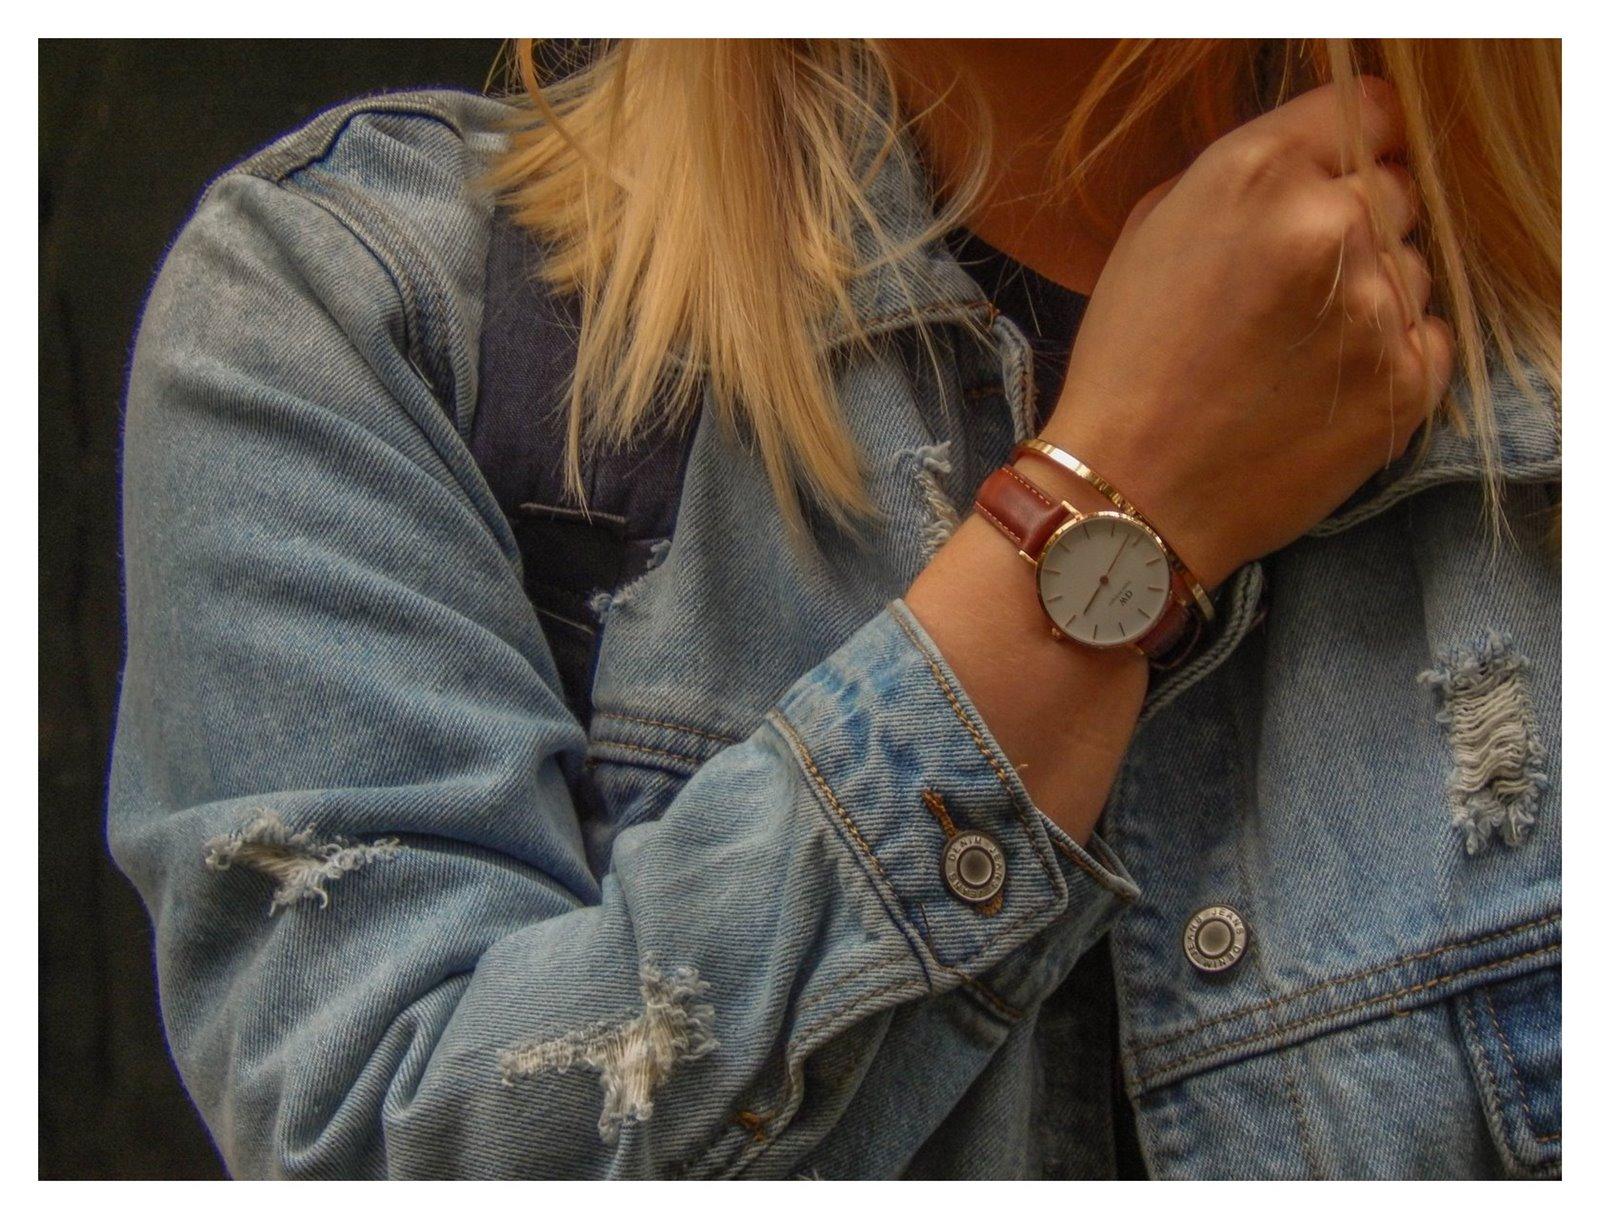 9  jaki zegarek wybrać najlepsze tanie zegarki złoty daniel wellington jeansowe tenisówki buty czarna sukienka jak nosić małą czarną sportowa moda fashion work melodylaniella łódź palmiarnia co zobaczyć